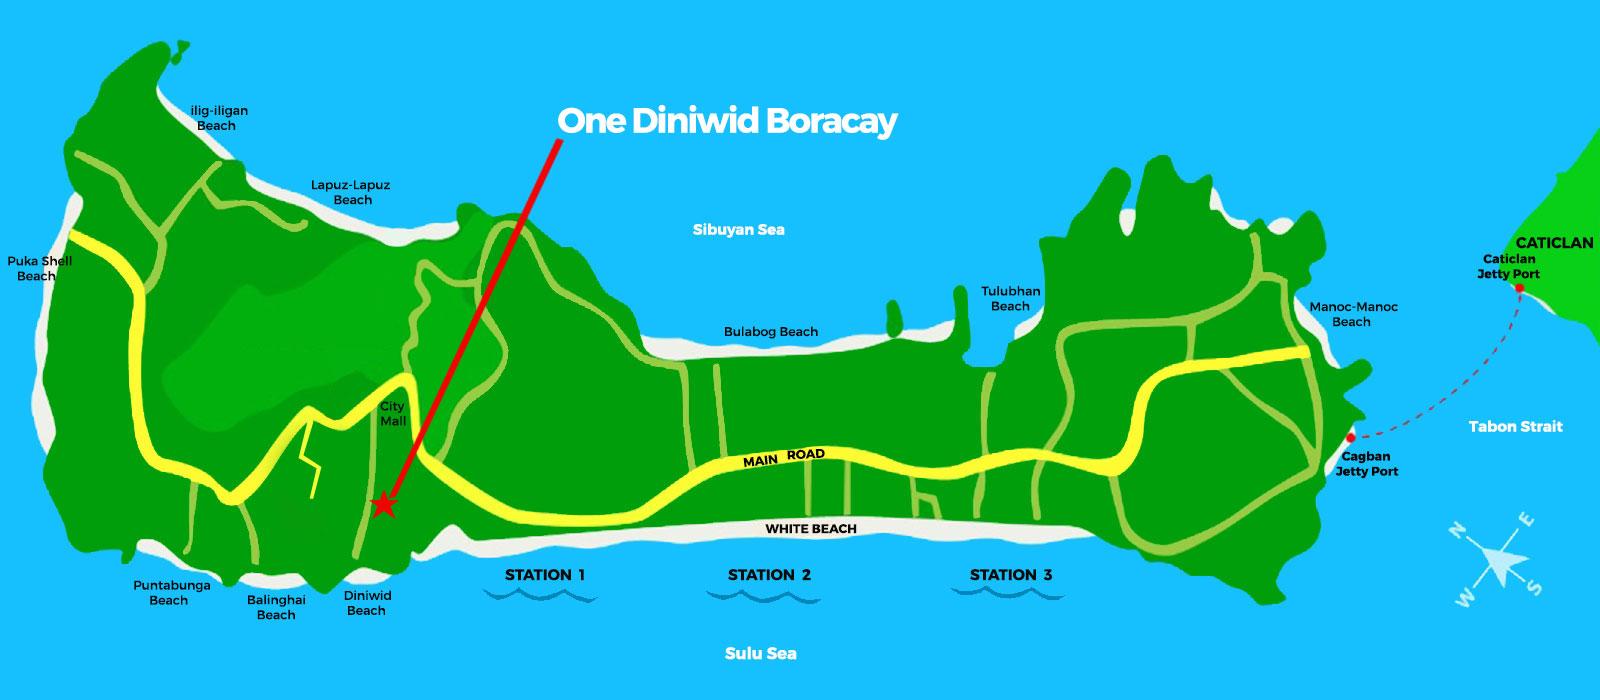 One Diniwid Boracay